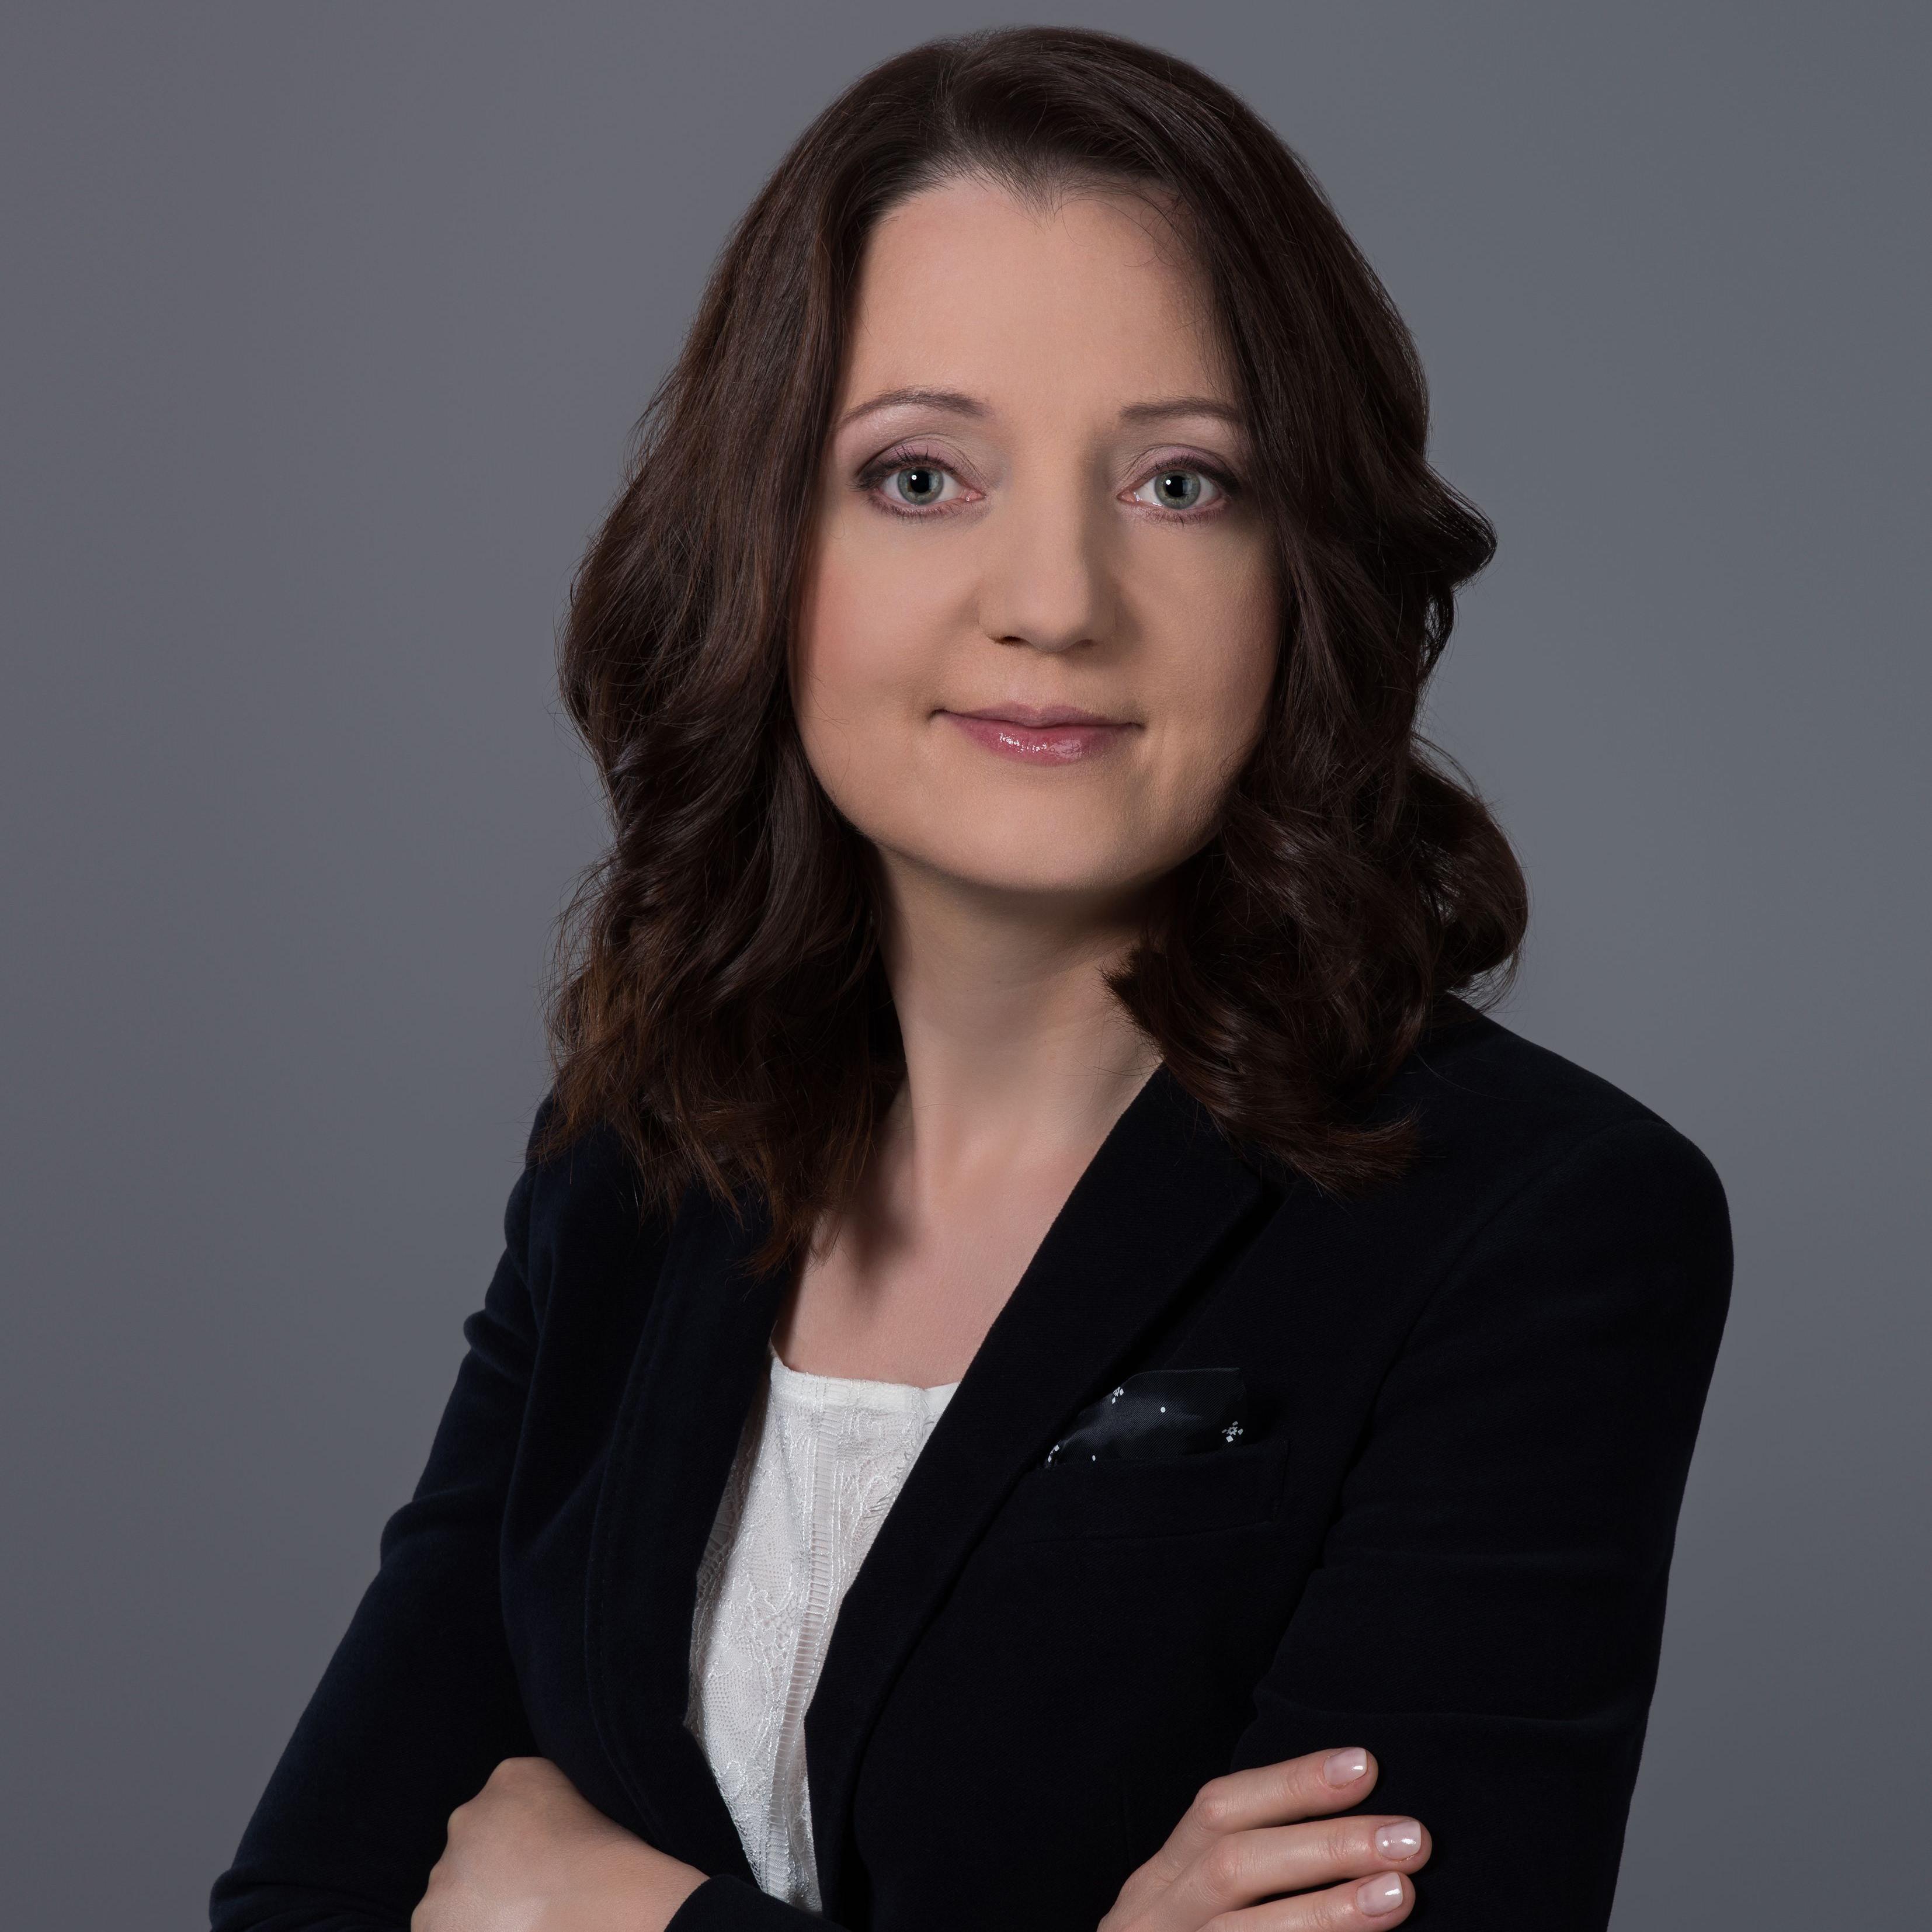 Dorota Szewczykowska